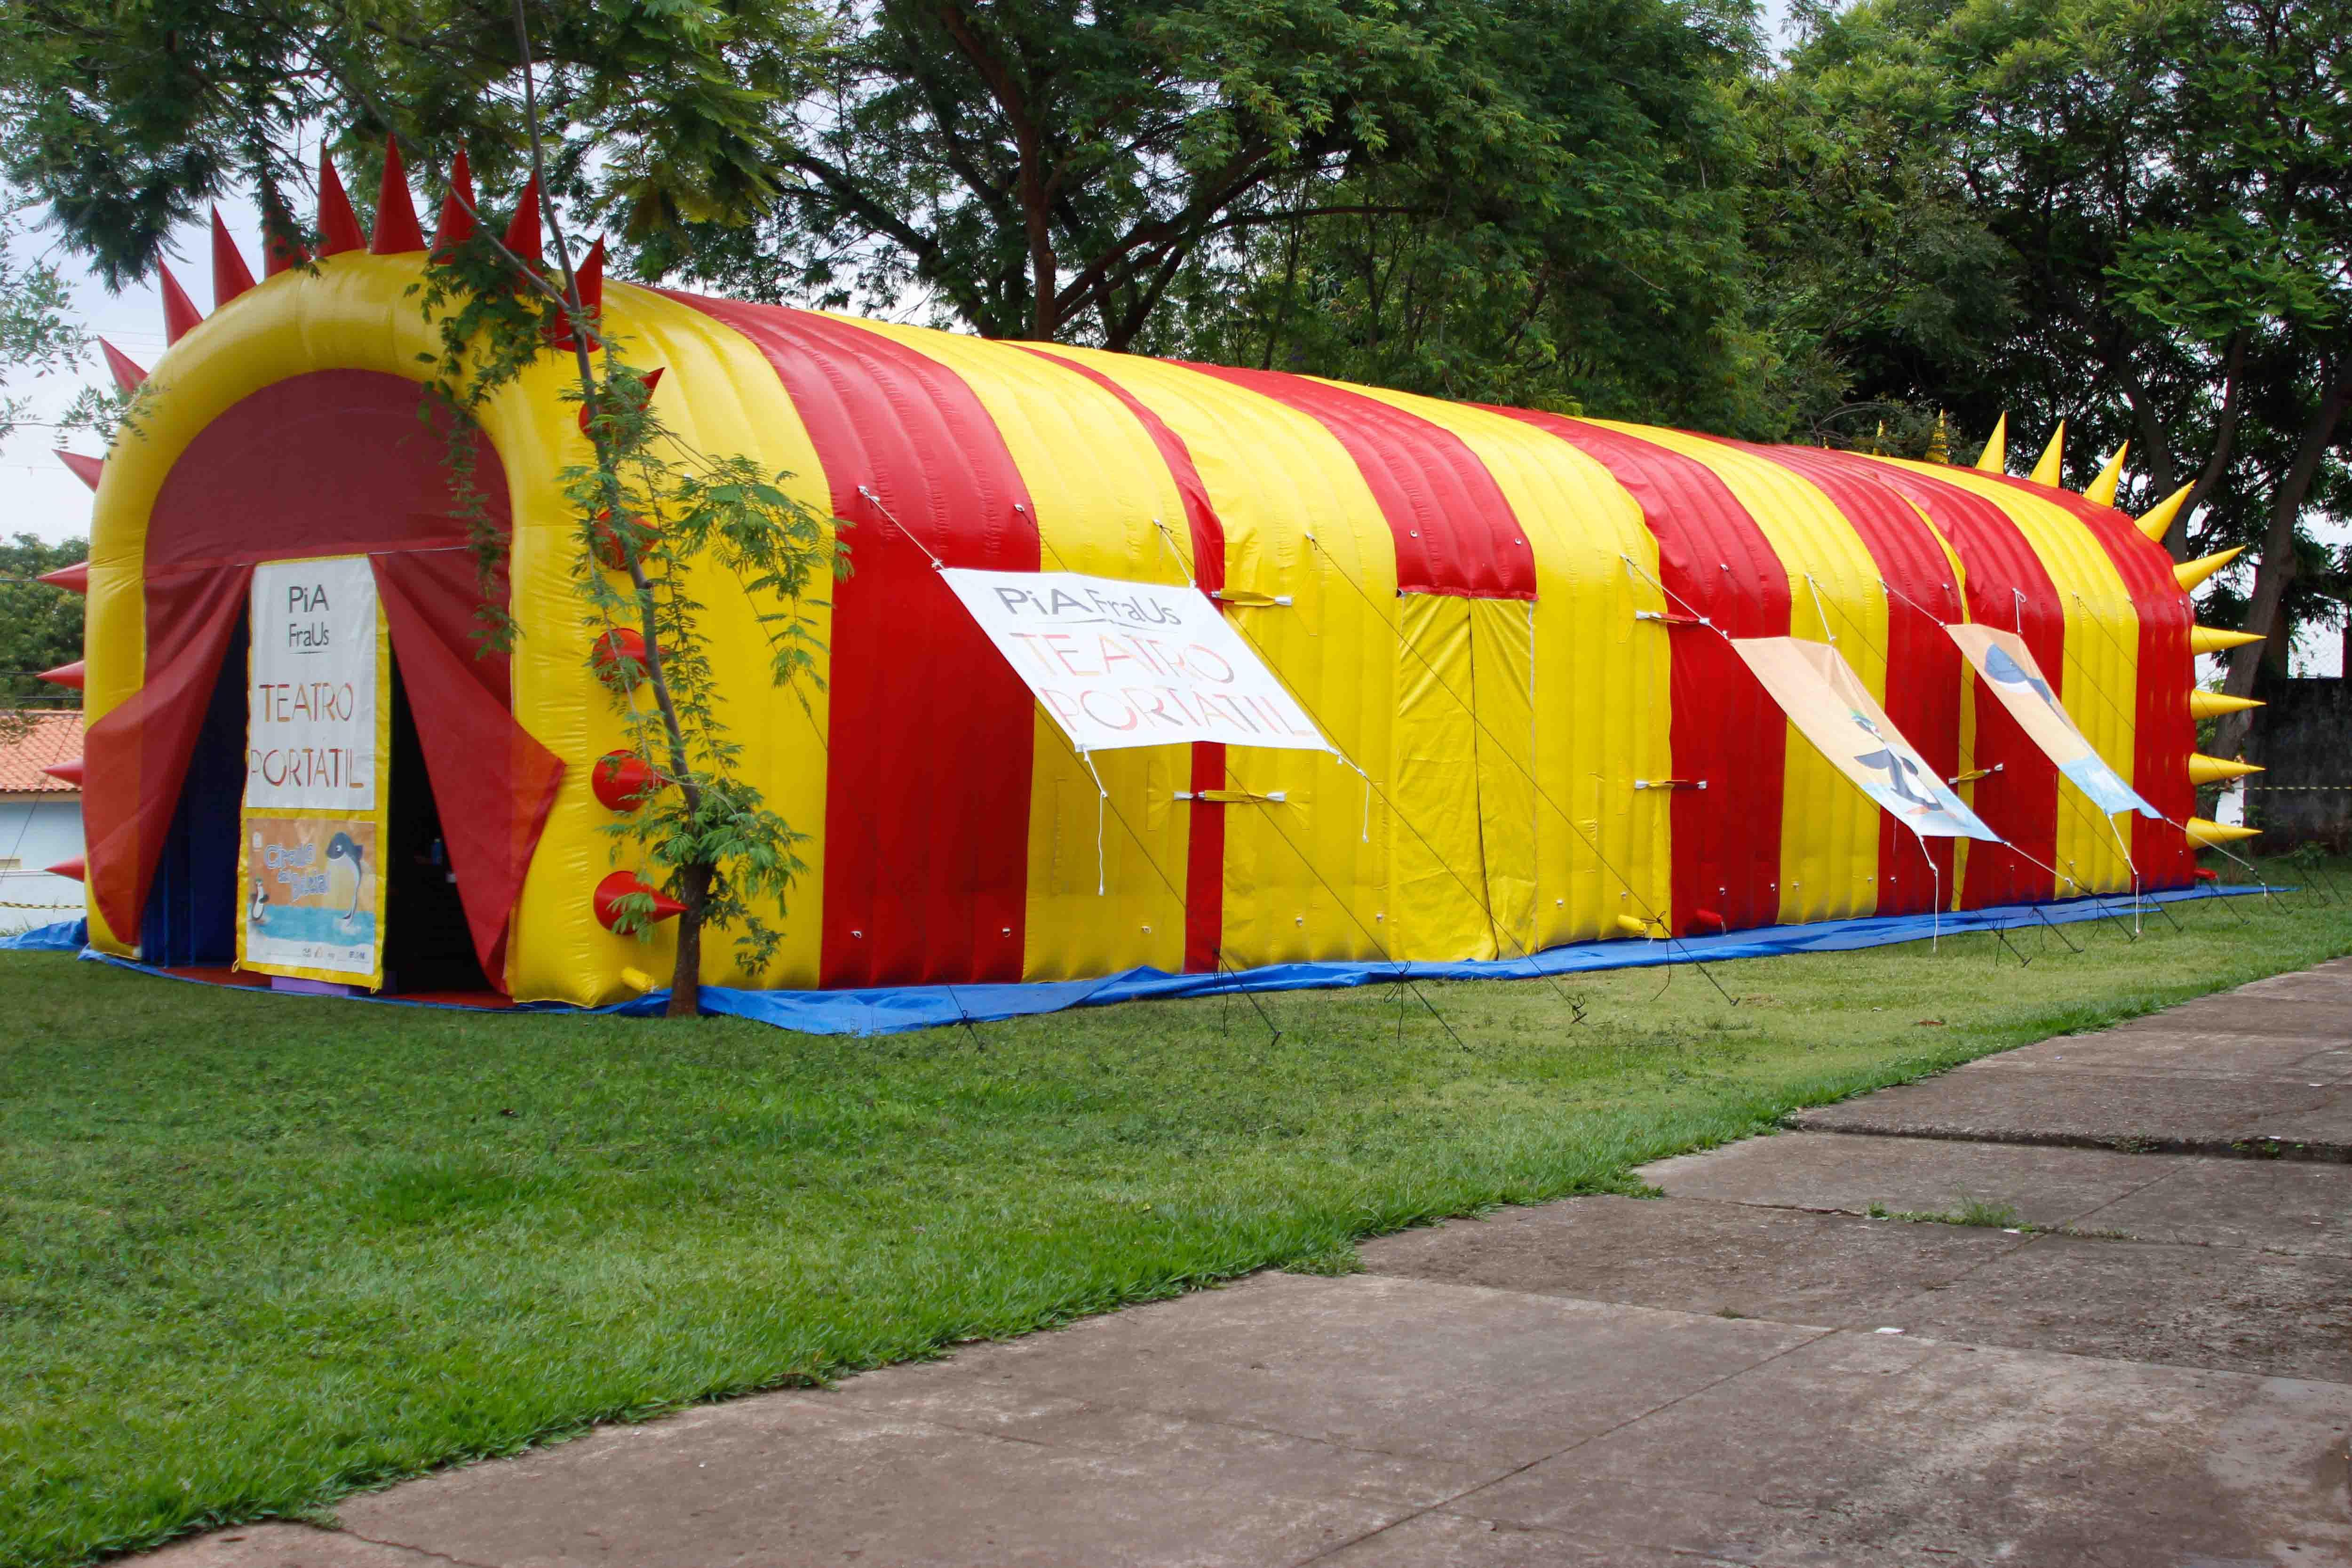 Estrutura inflável, impacta cidade, despertando a imaginação das crianças.